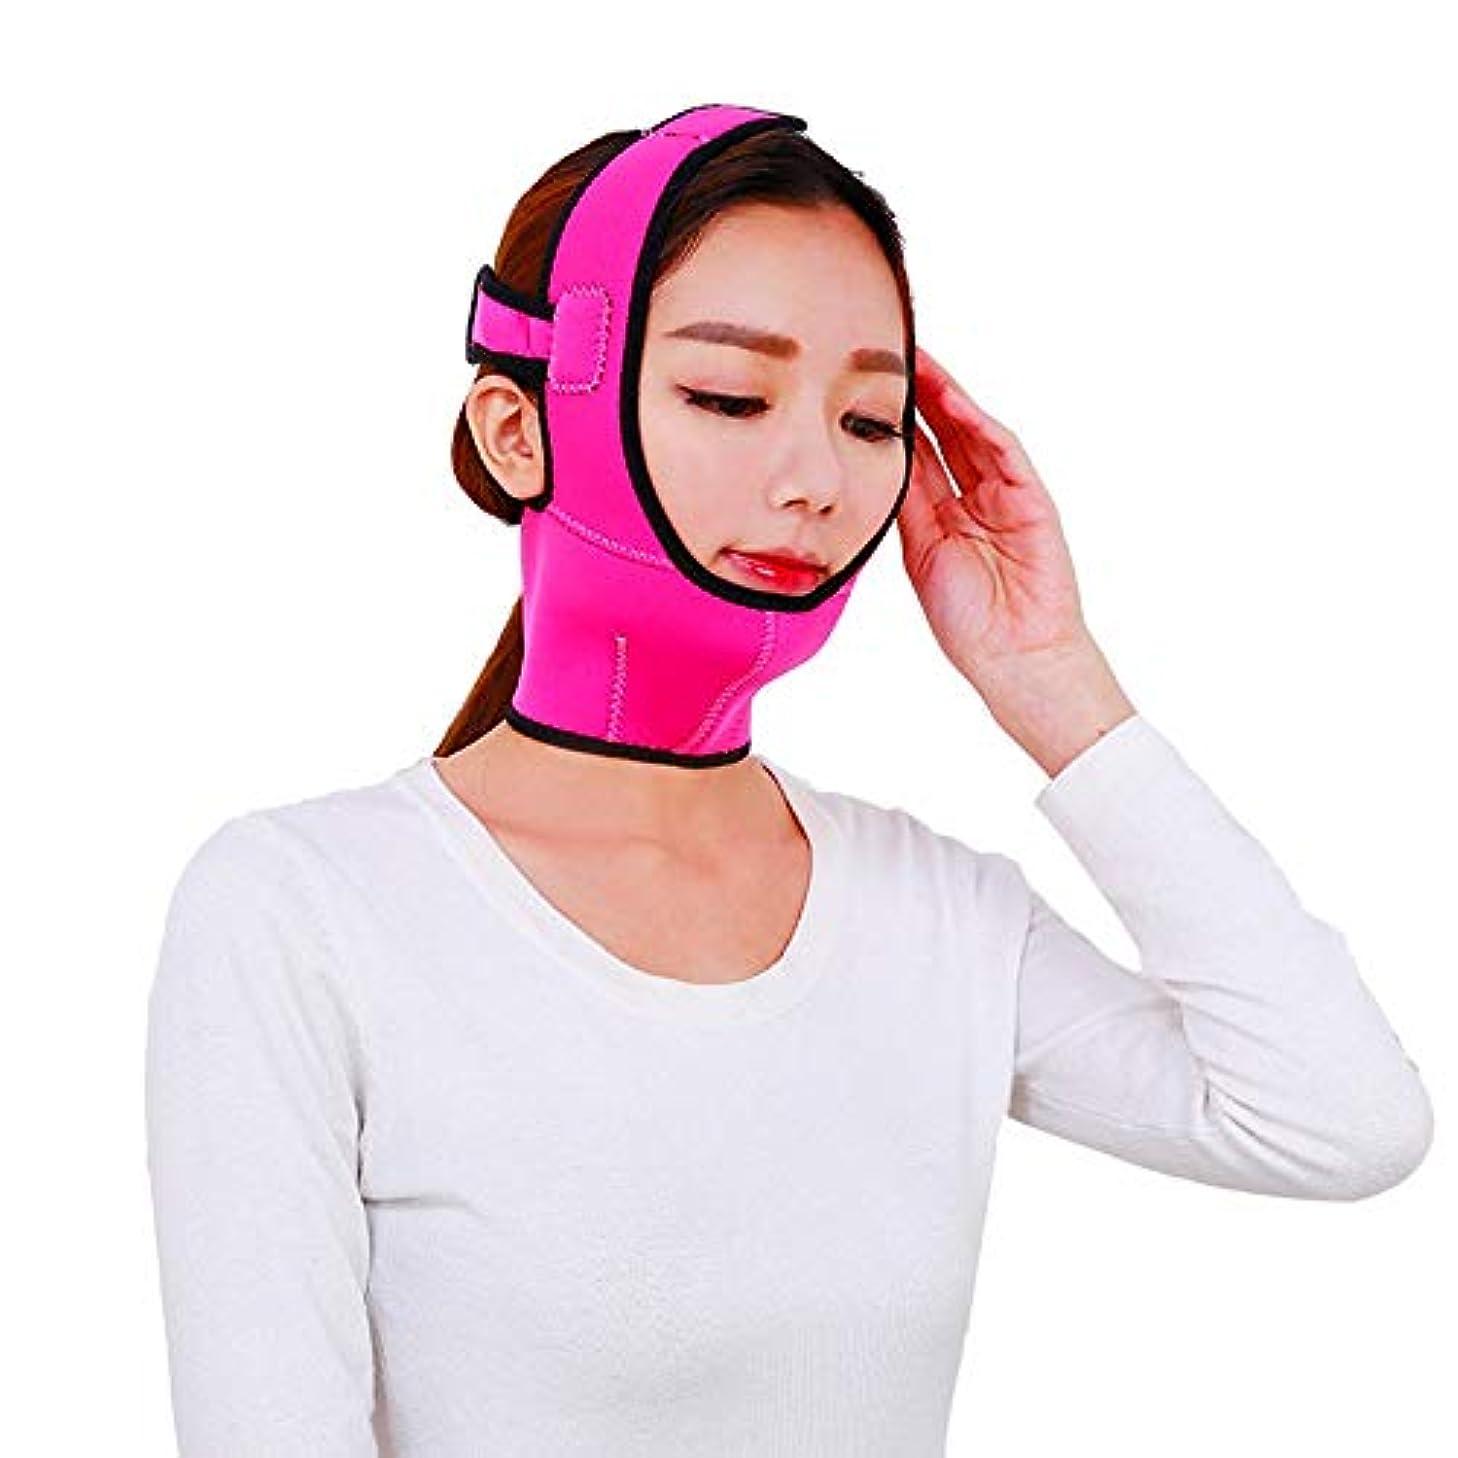 推定苦味哀フェイスリフトベルト 顔を持ち上げるベルト通気性の顔面リフティング包帯ダブルチン顔面リフティングマスクを締めるV顔面顔面リフレッシングツール